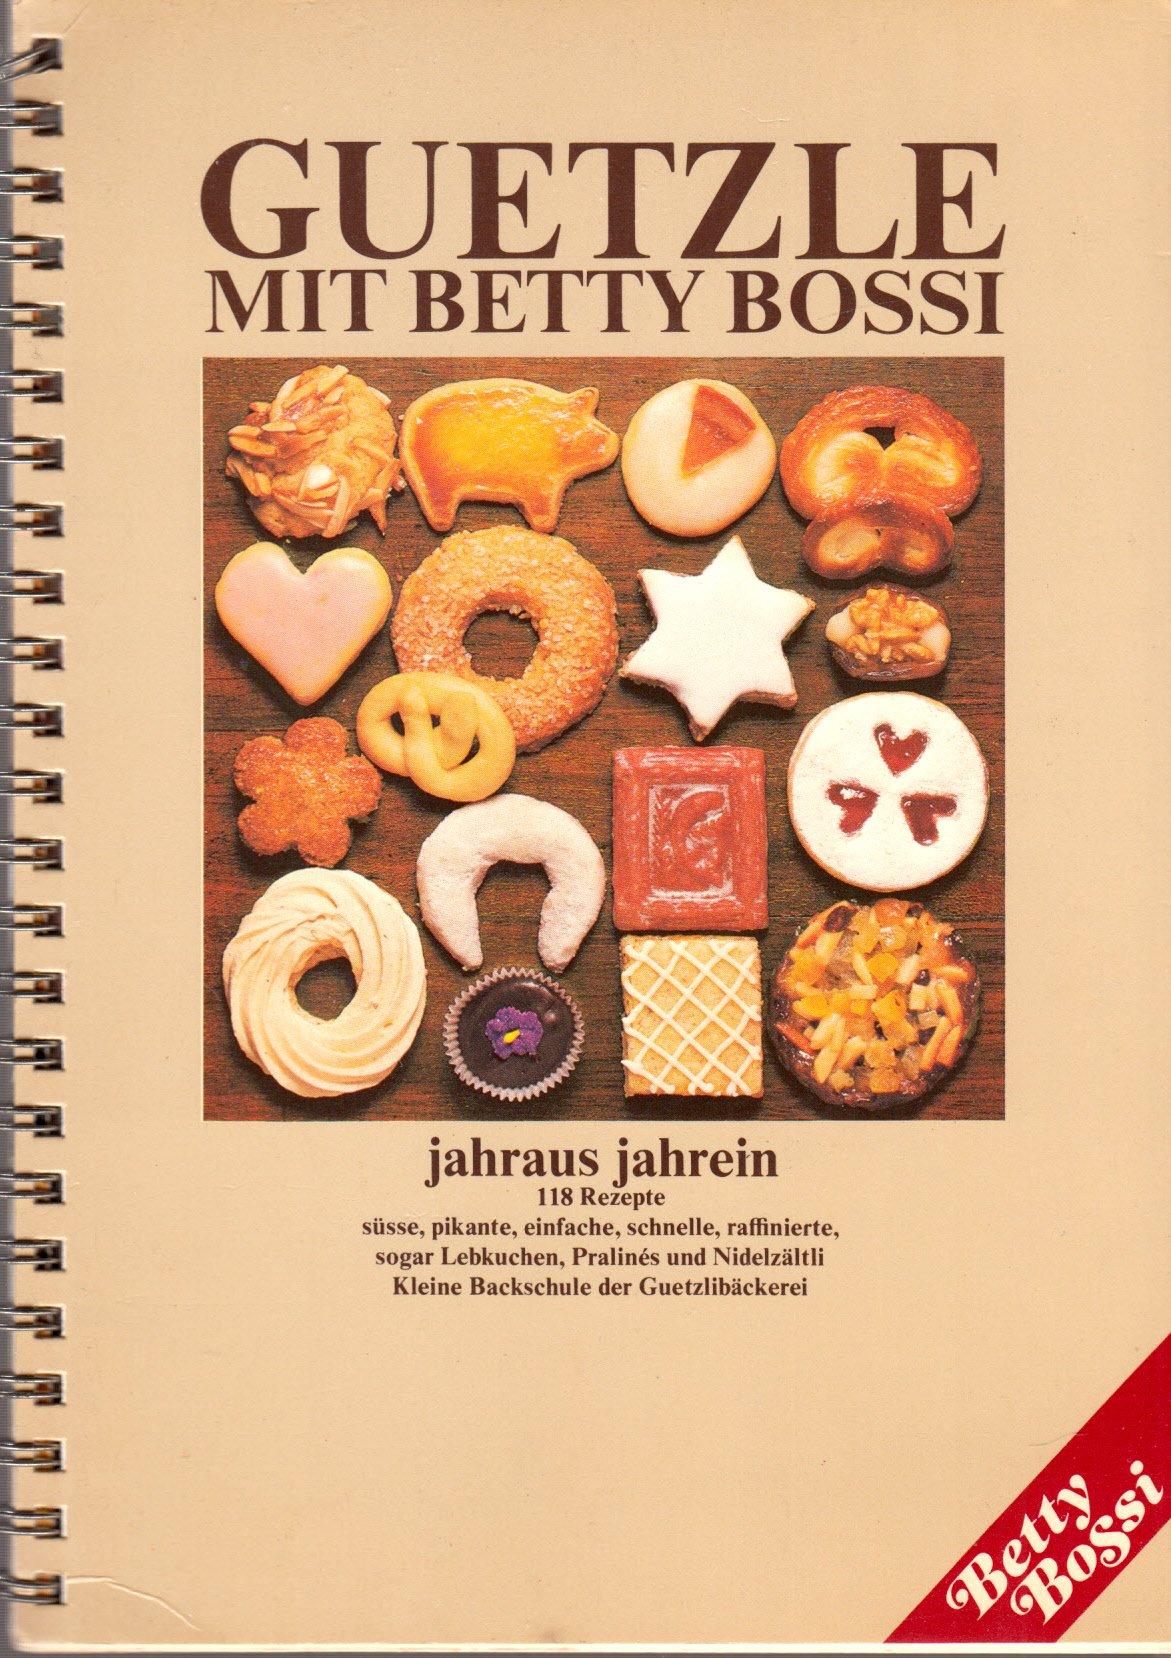 Guetzle Mit Betty Bossi Jahraus Jahrein 118 Rezepte Susse Pikante